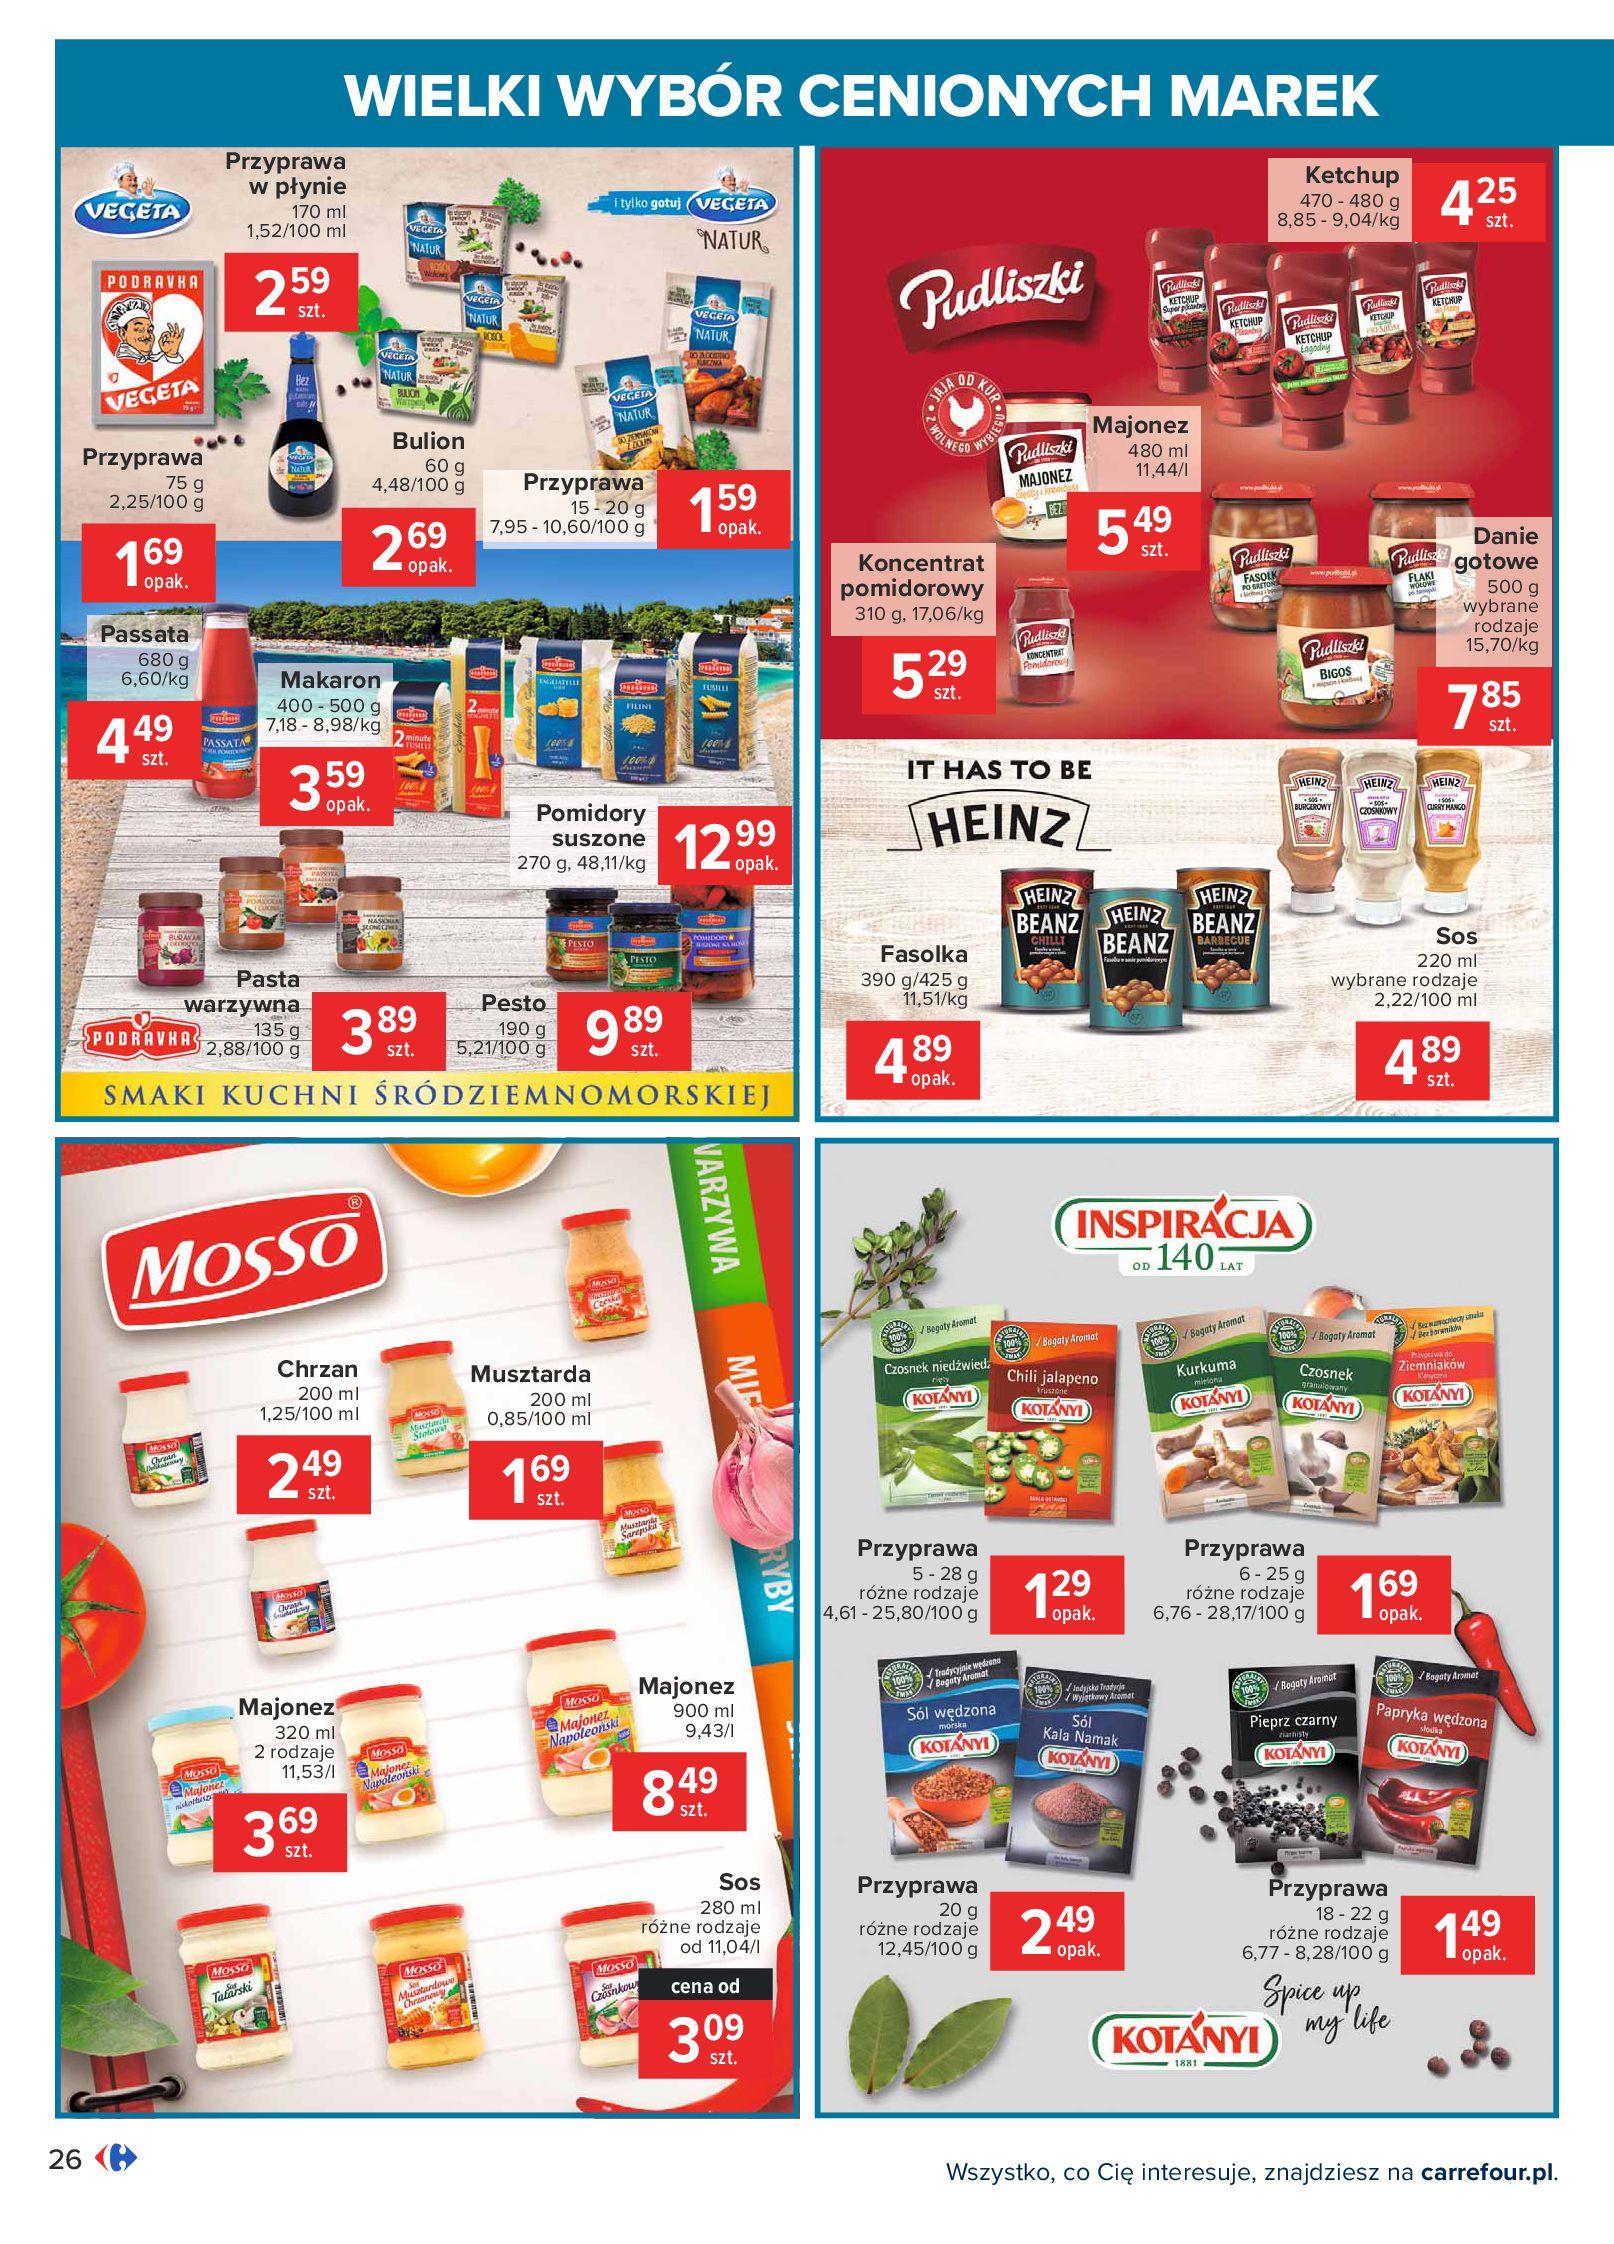 Gazetka Carrefour: Wielki wybór cenionych marek 2021-05-04 page-26